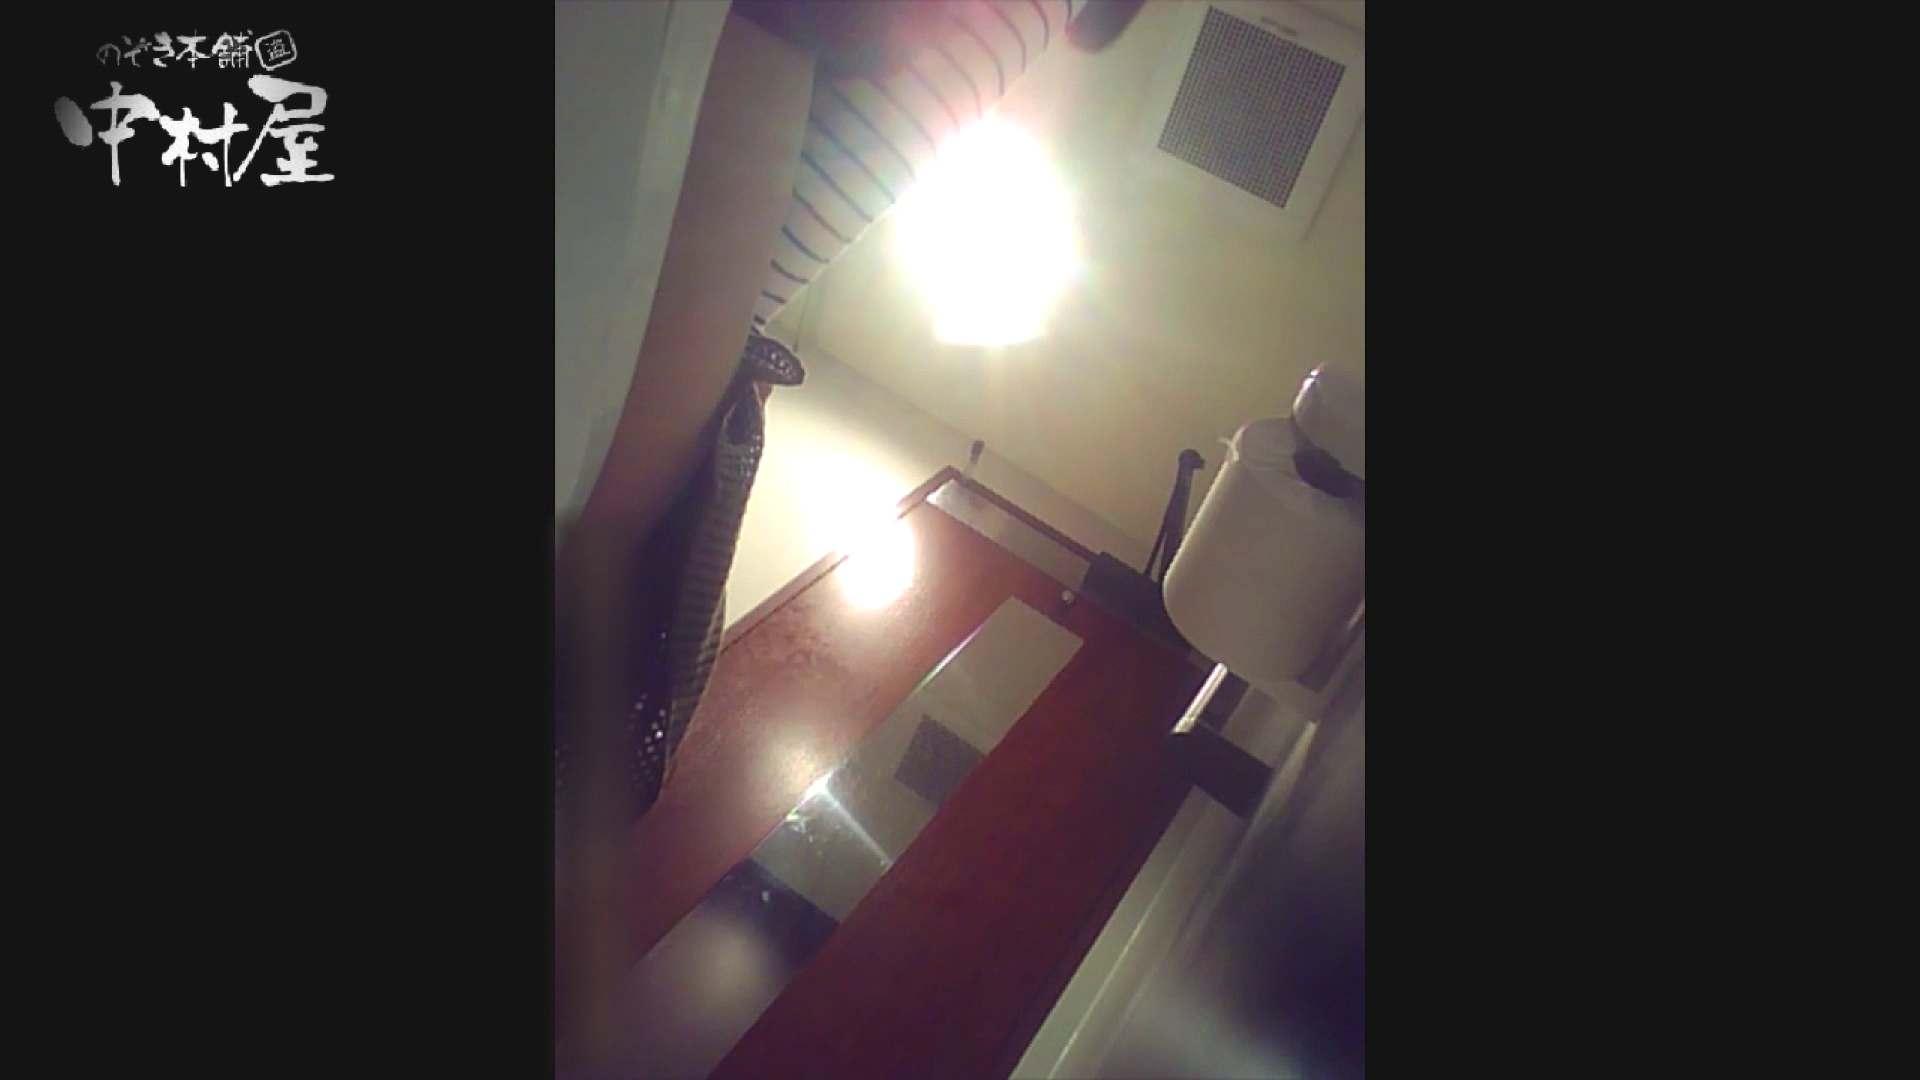 高画質トイレ盗撮vol.12 トイレ 盗み撮りAV無料動画キャプチャ 64画像 48